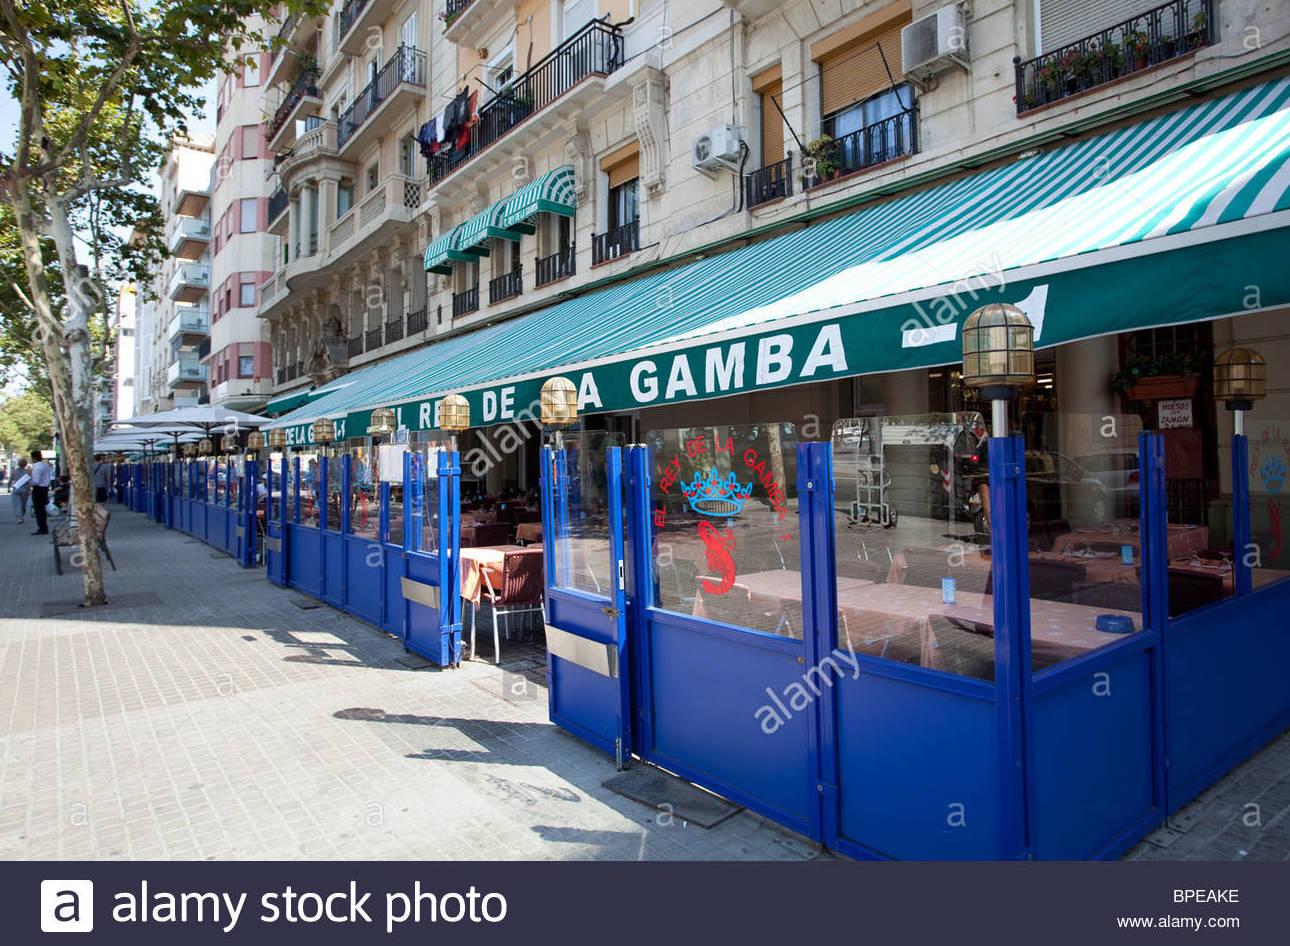 EL REY DE LA GAMBA RESTAURANTE EN LA BARCELONETA